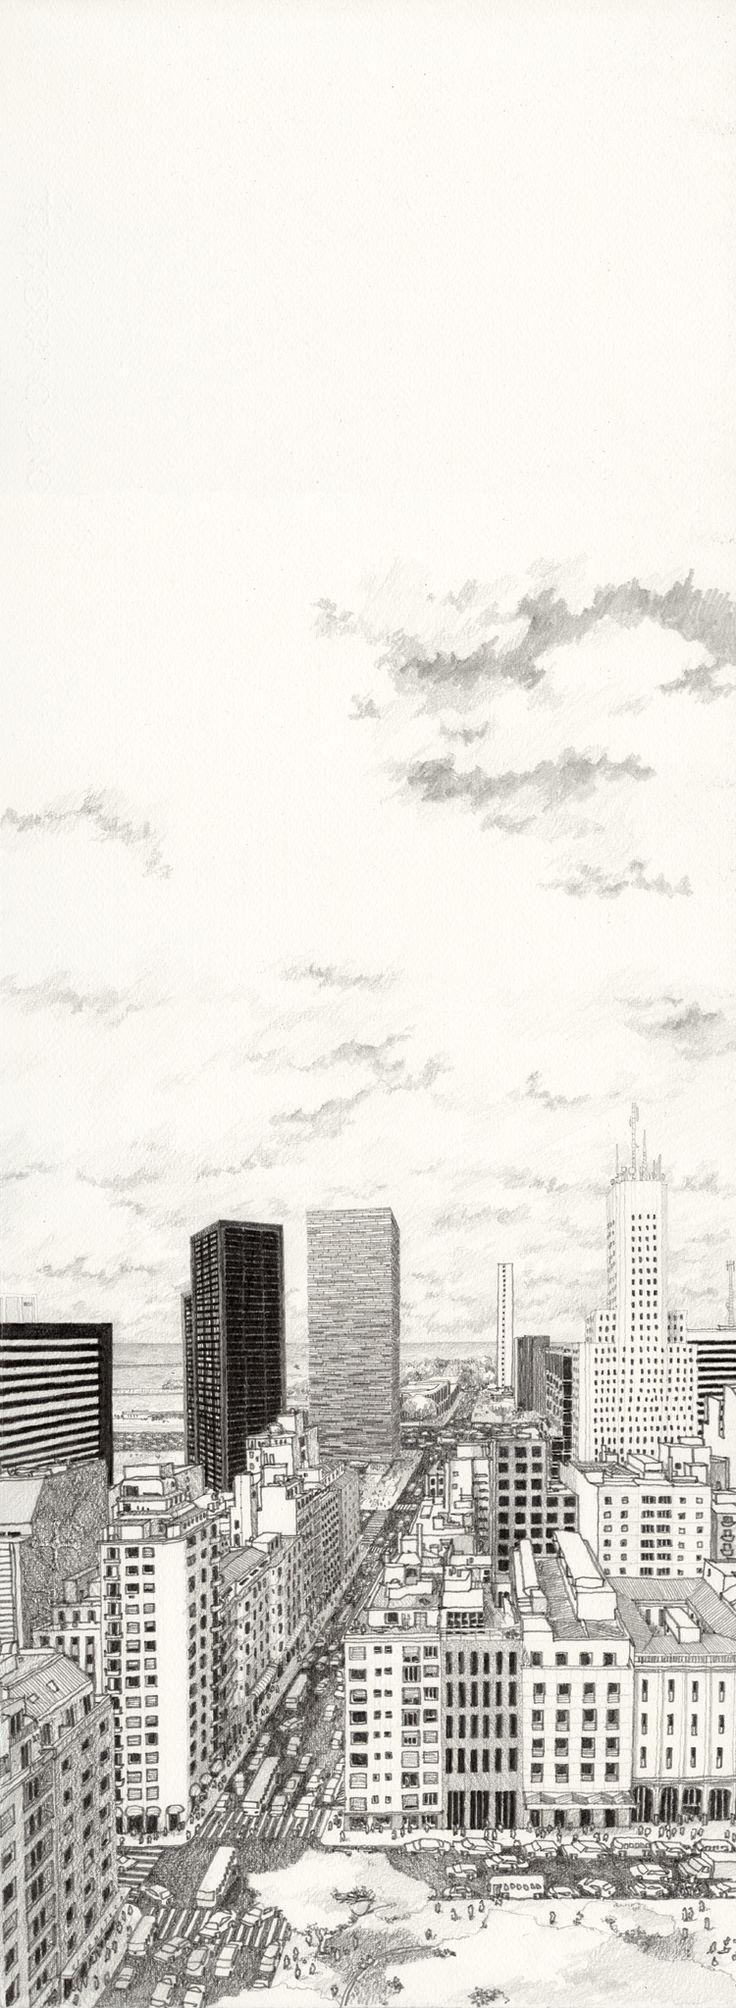 Desenhos de apresentação de concurso para elaboração de um Edifício em Buenos Aires, projeto do Escritório de Arquitetura Isay Weinfeld, 2011.